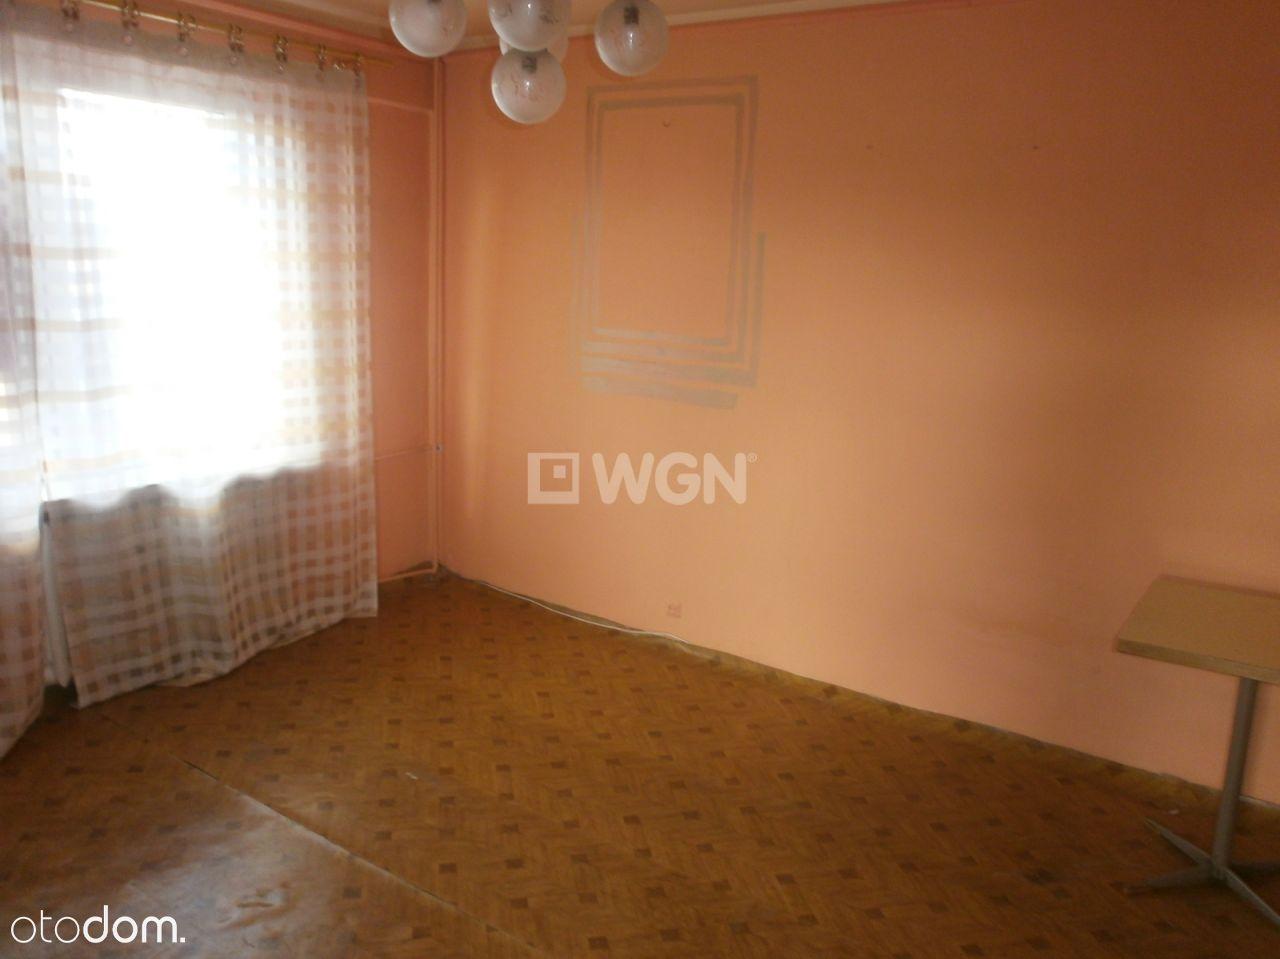 Mieszkanie na sprzedaż, Kłobuck, kłobucki, śląskie - Foto 3